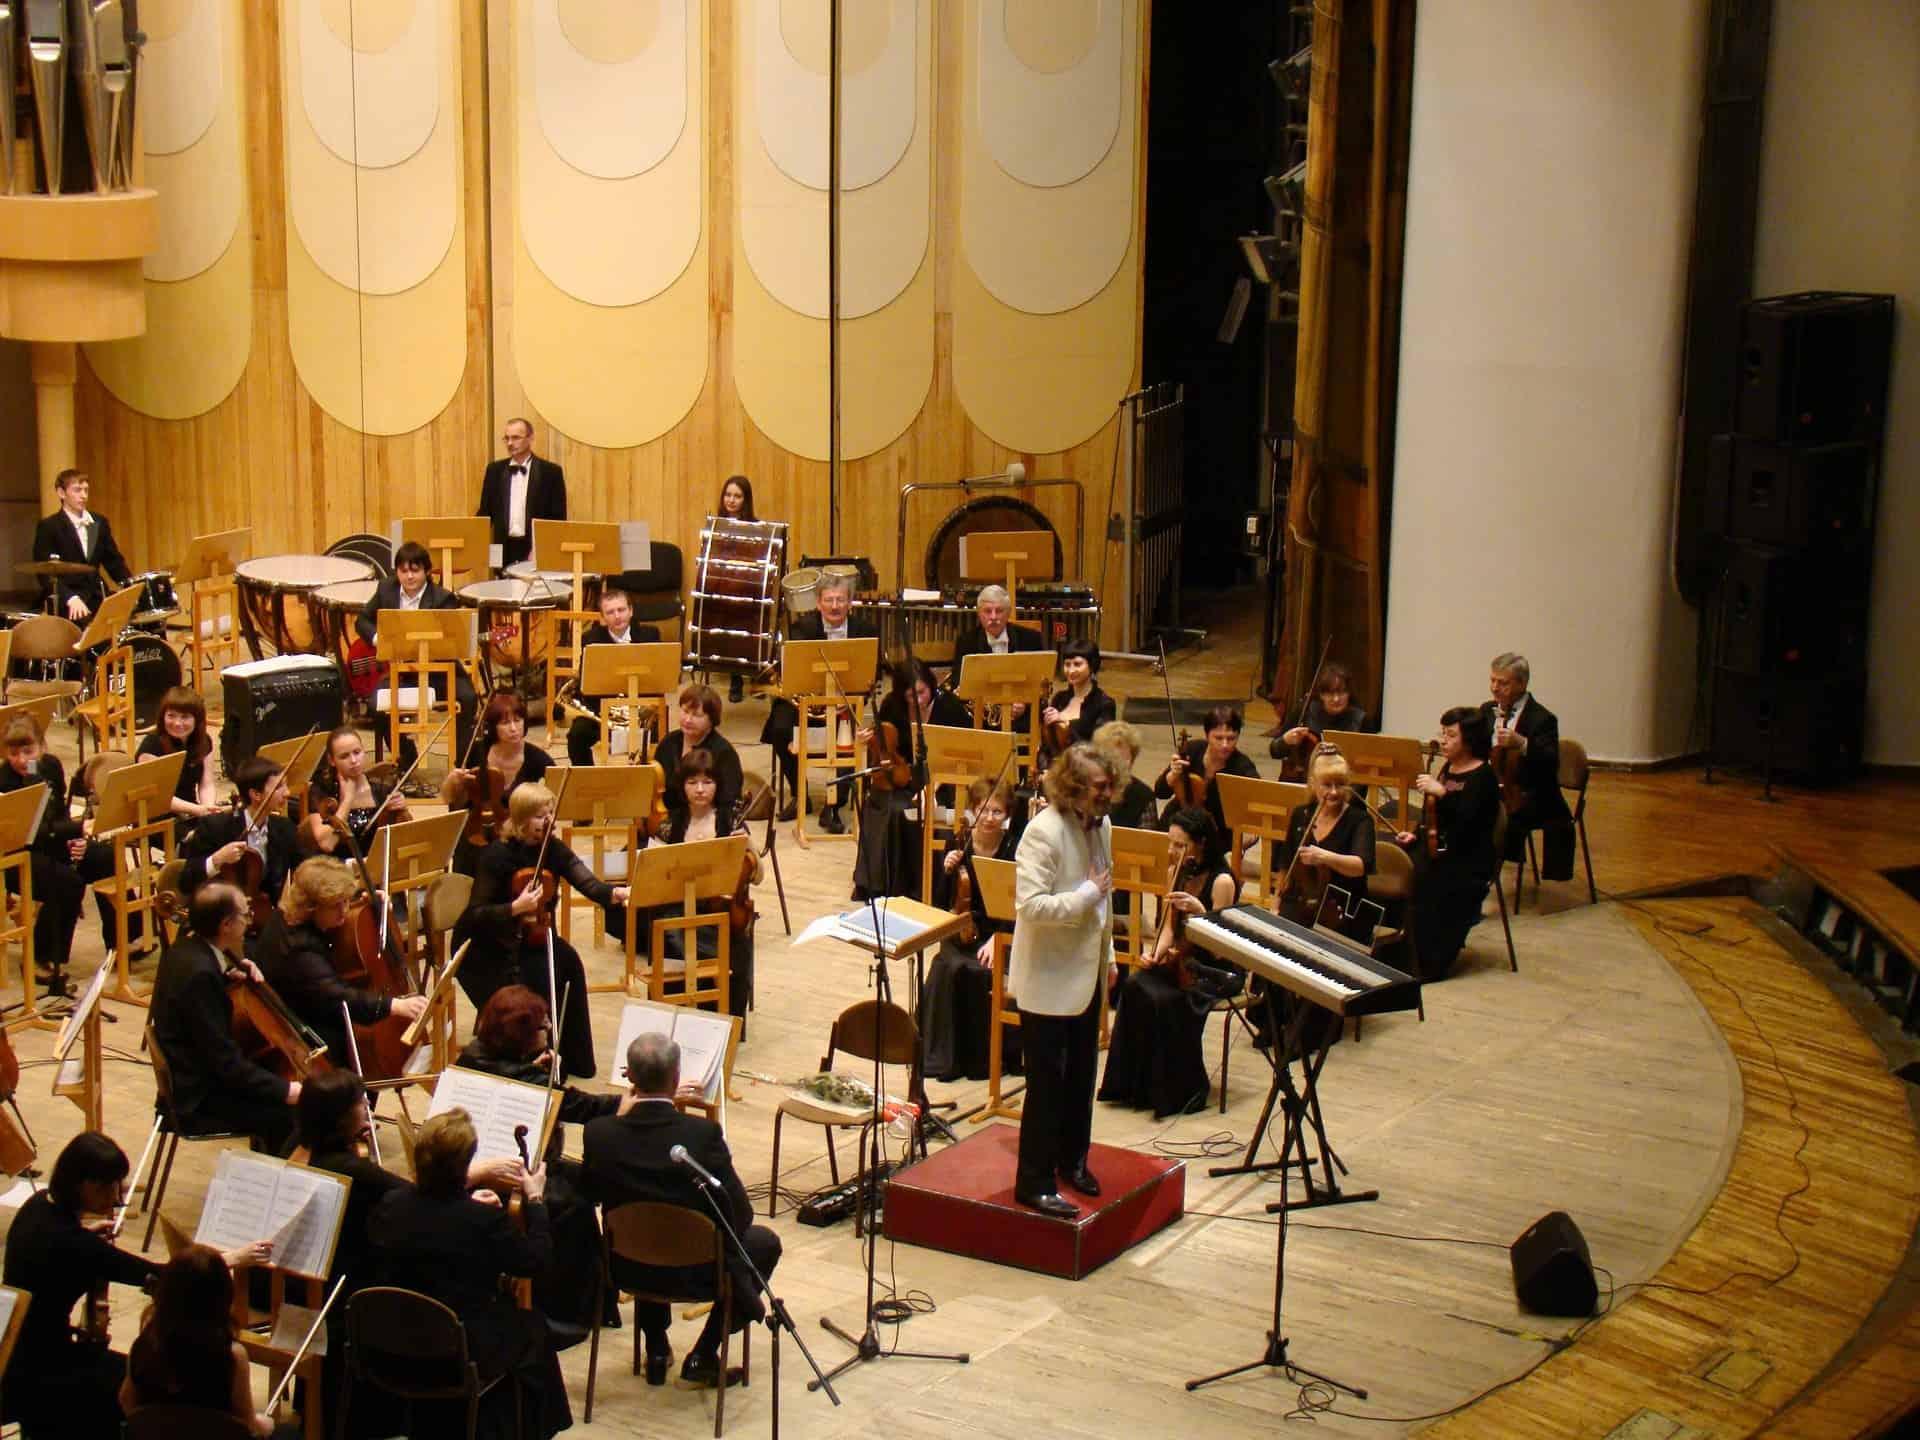 A imagem mostra uma orquestra. Todos os músicos estão sentados na frente de uma estante para partitura.